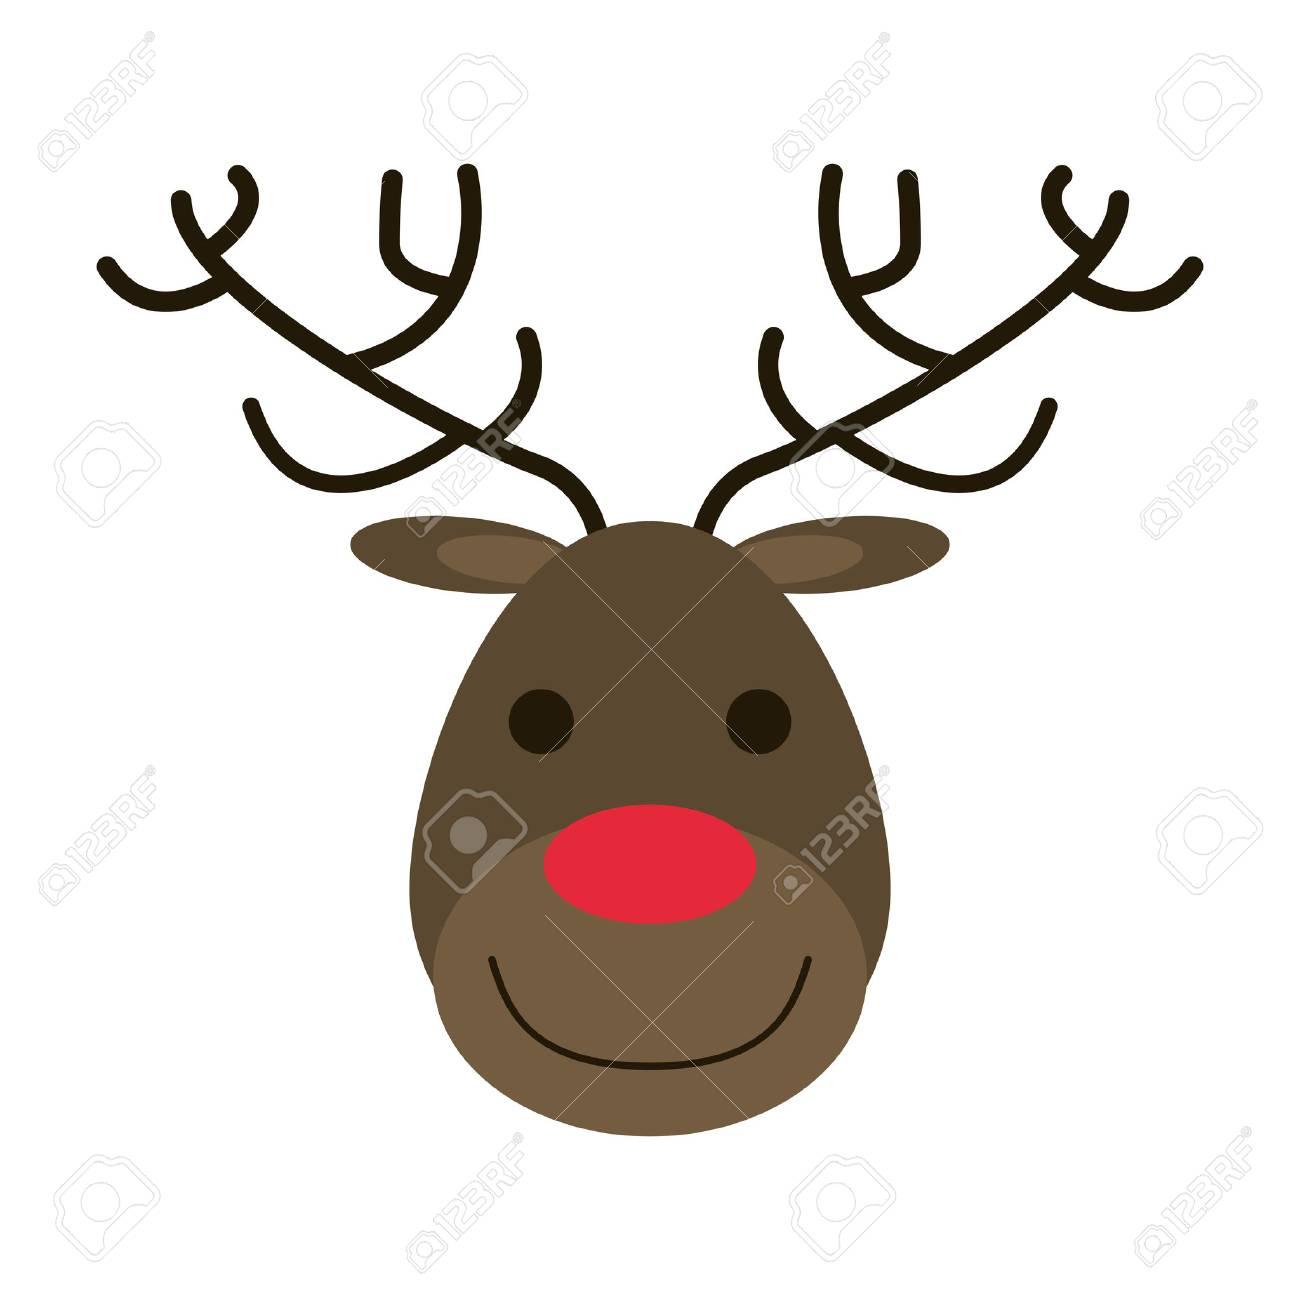 ルドルフ赤鼻のトナカイ クリスマス関連のアイコン画像ベクトル イラスト